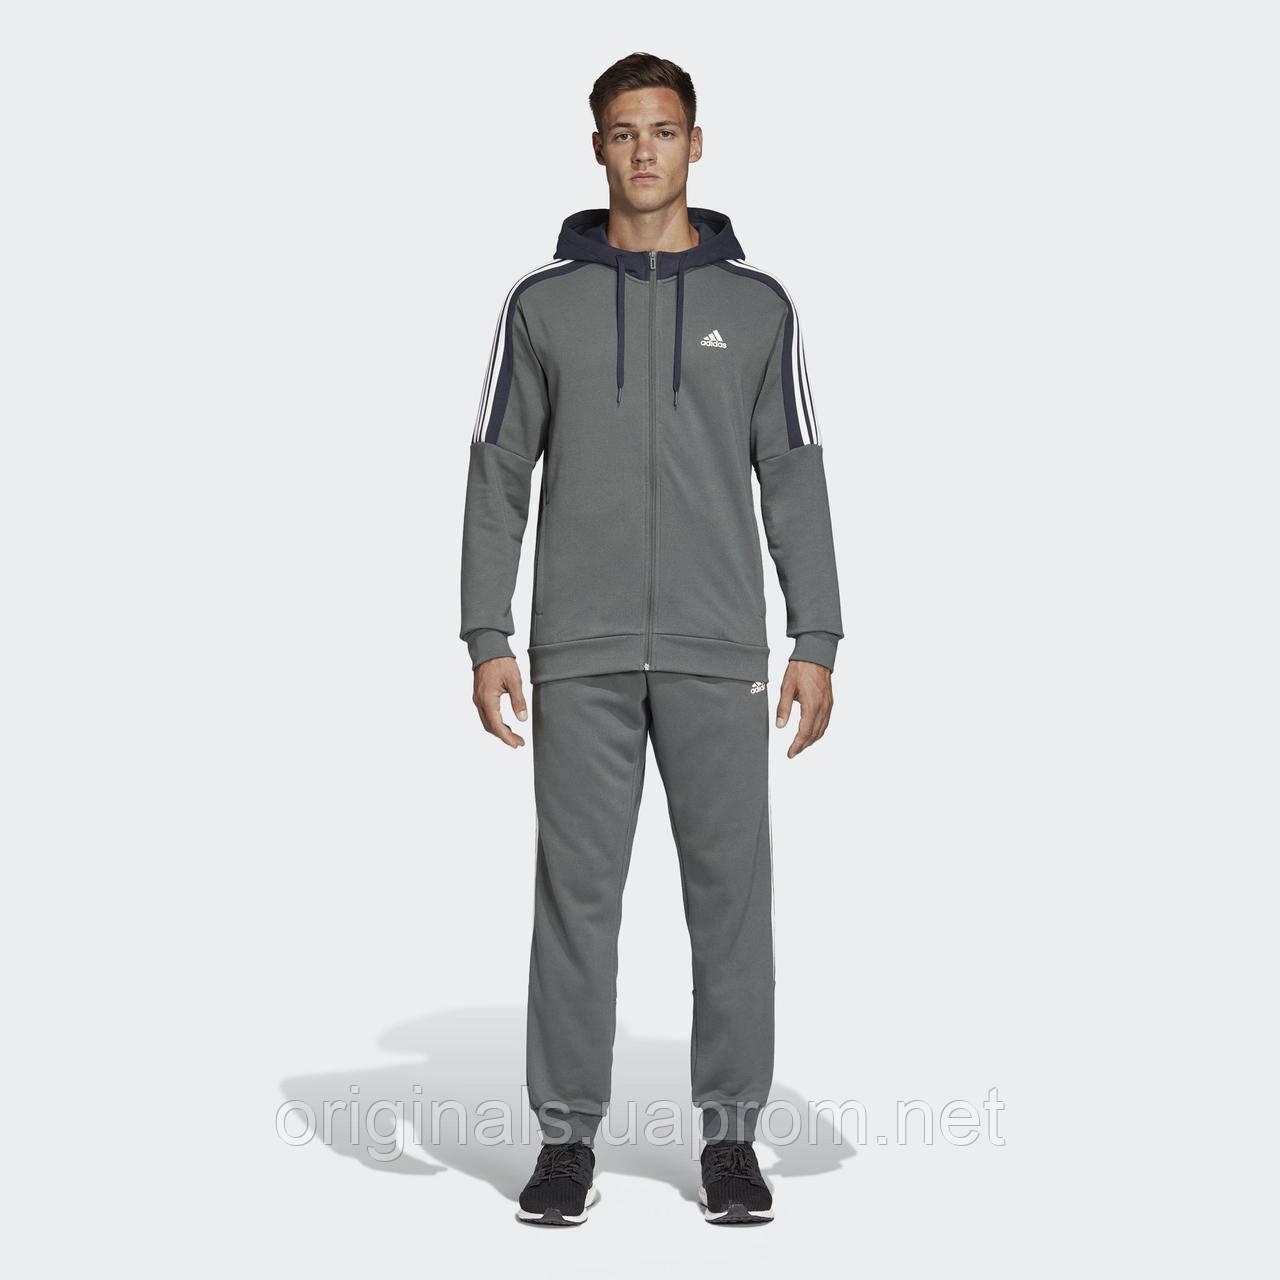 Спортивный костюм Adidas Cotton Energize DV2441